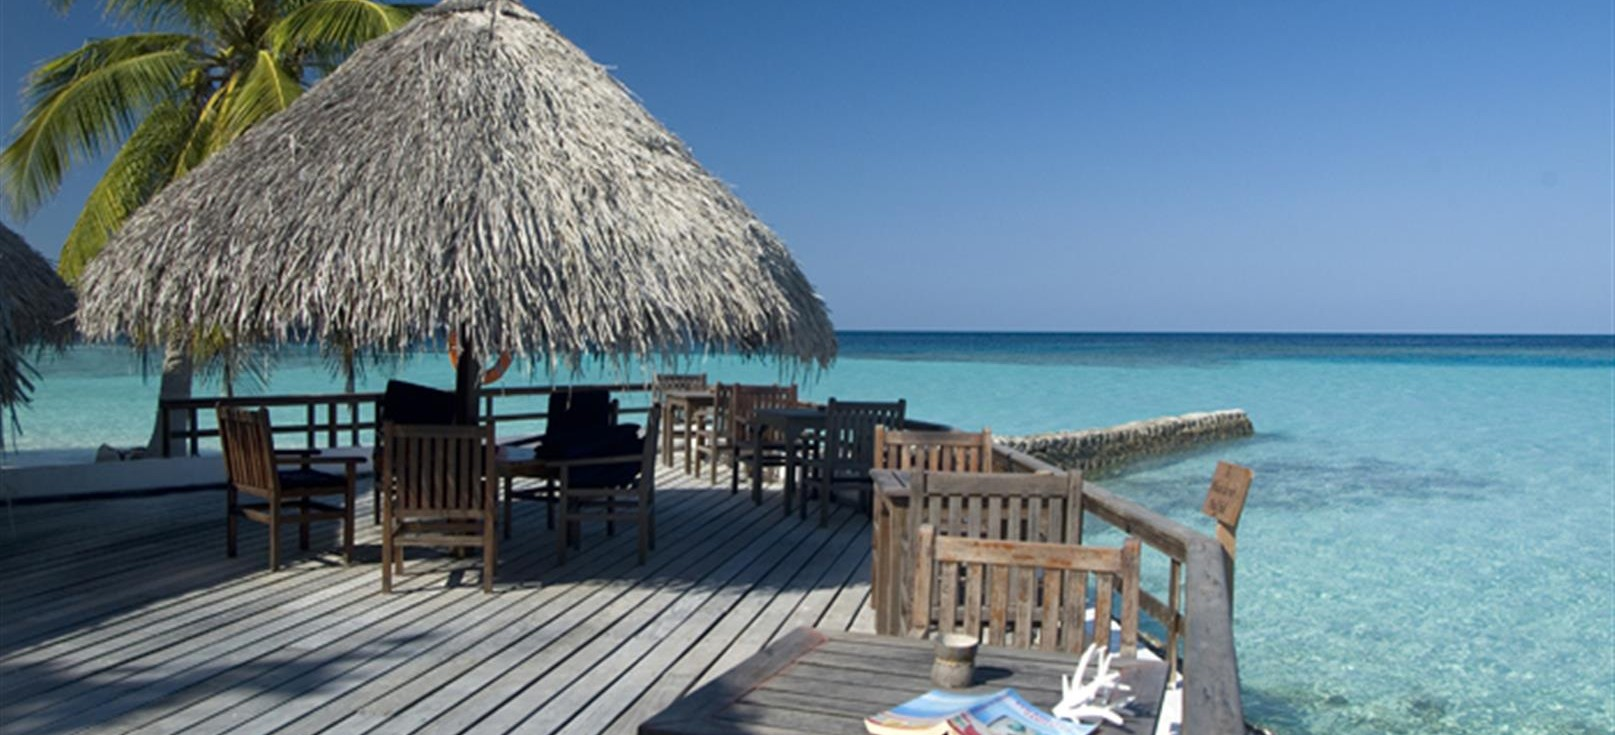 جزيرة ماكوندو المالديف